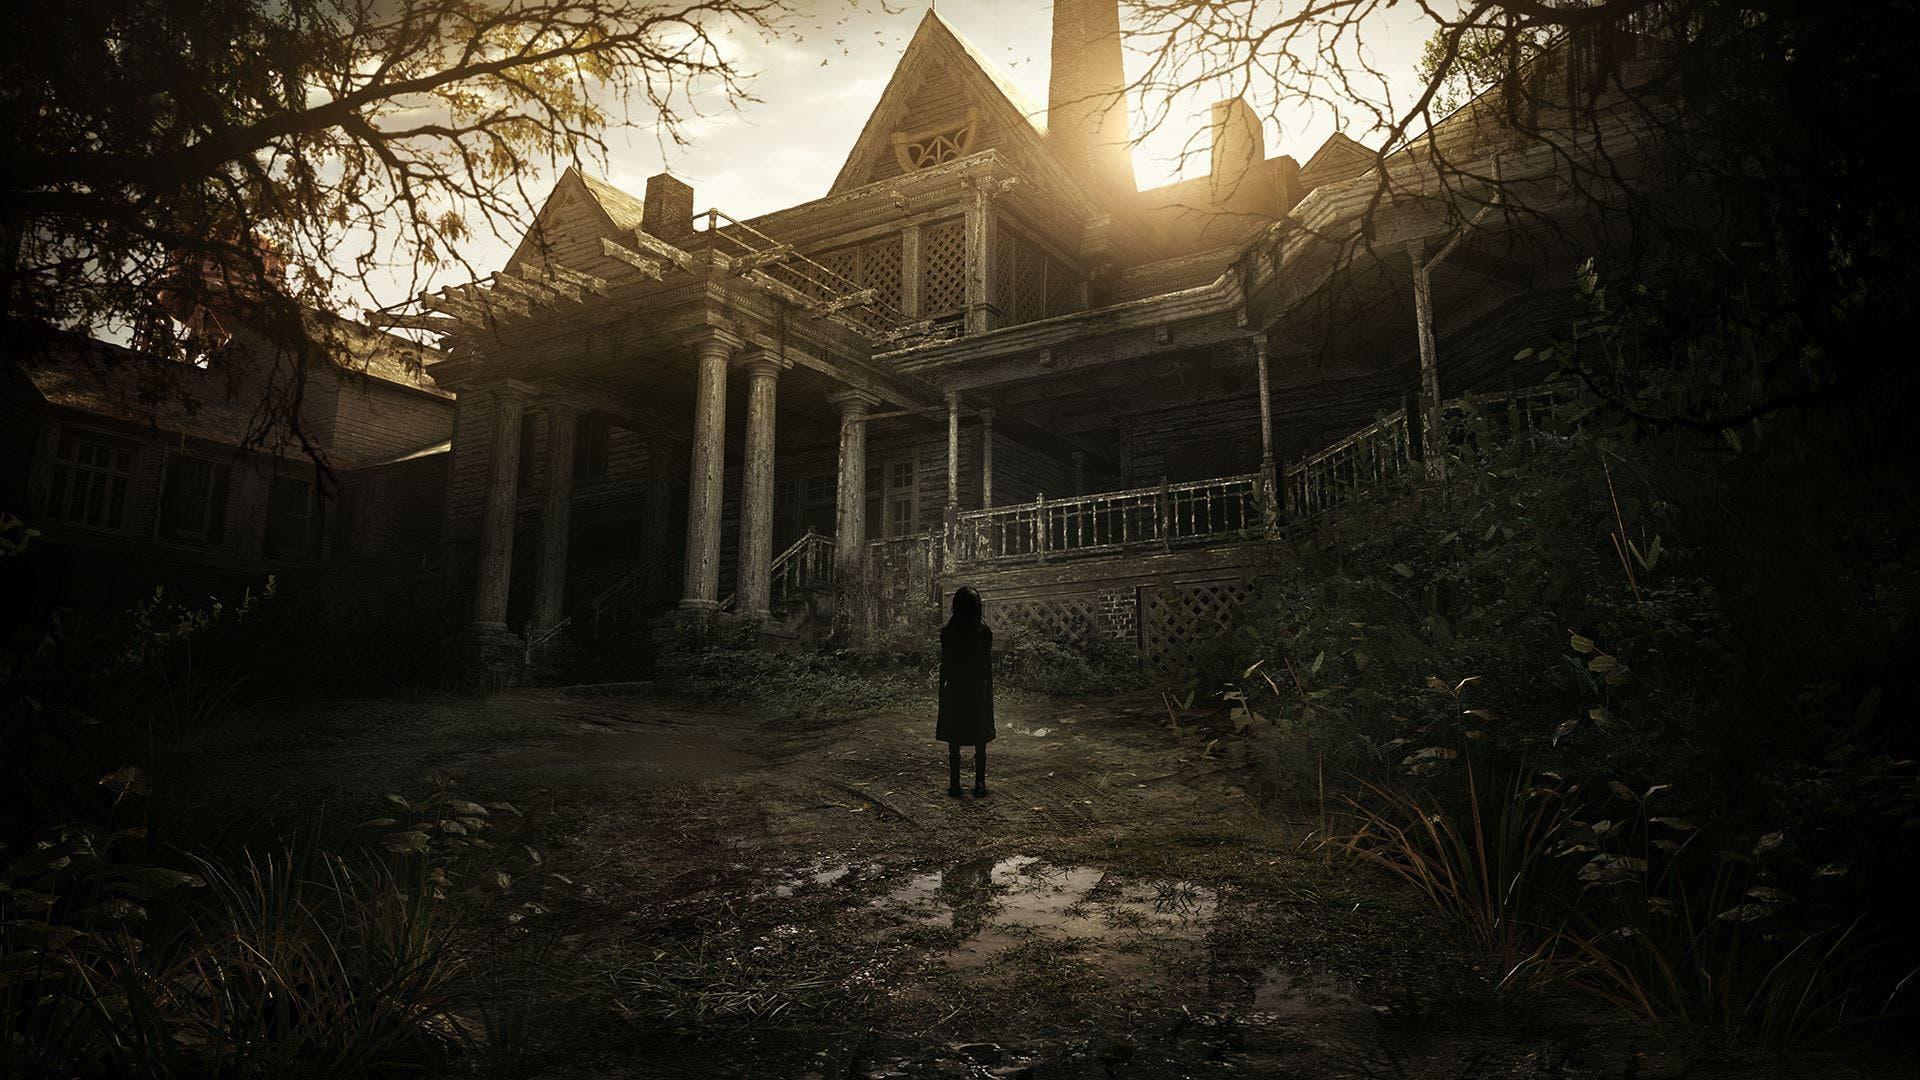 7 juegos de terror de Xbox Game Pass perfectos para Halloween 2